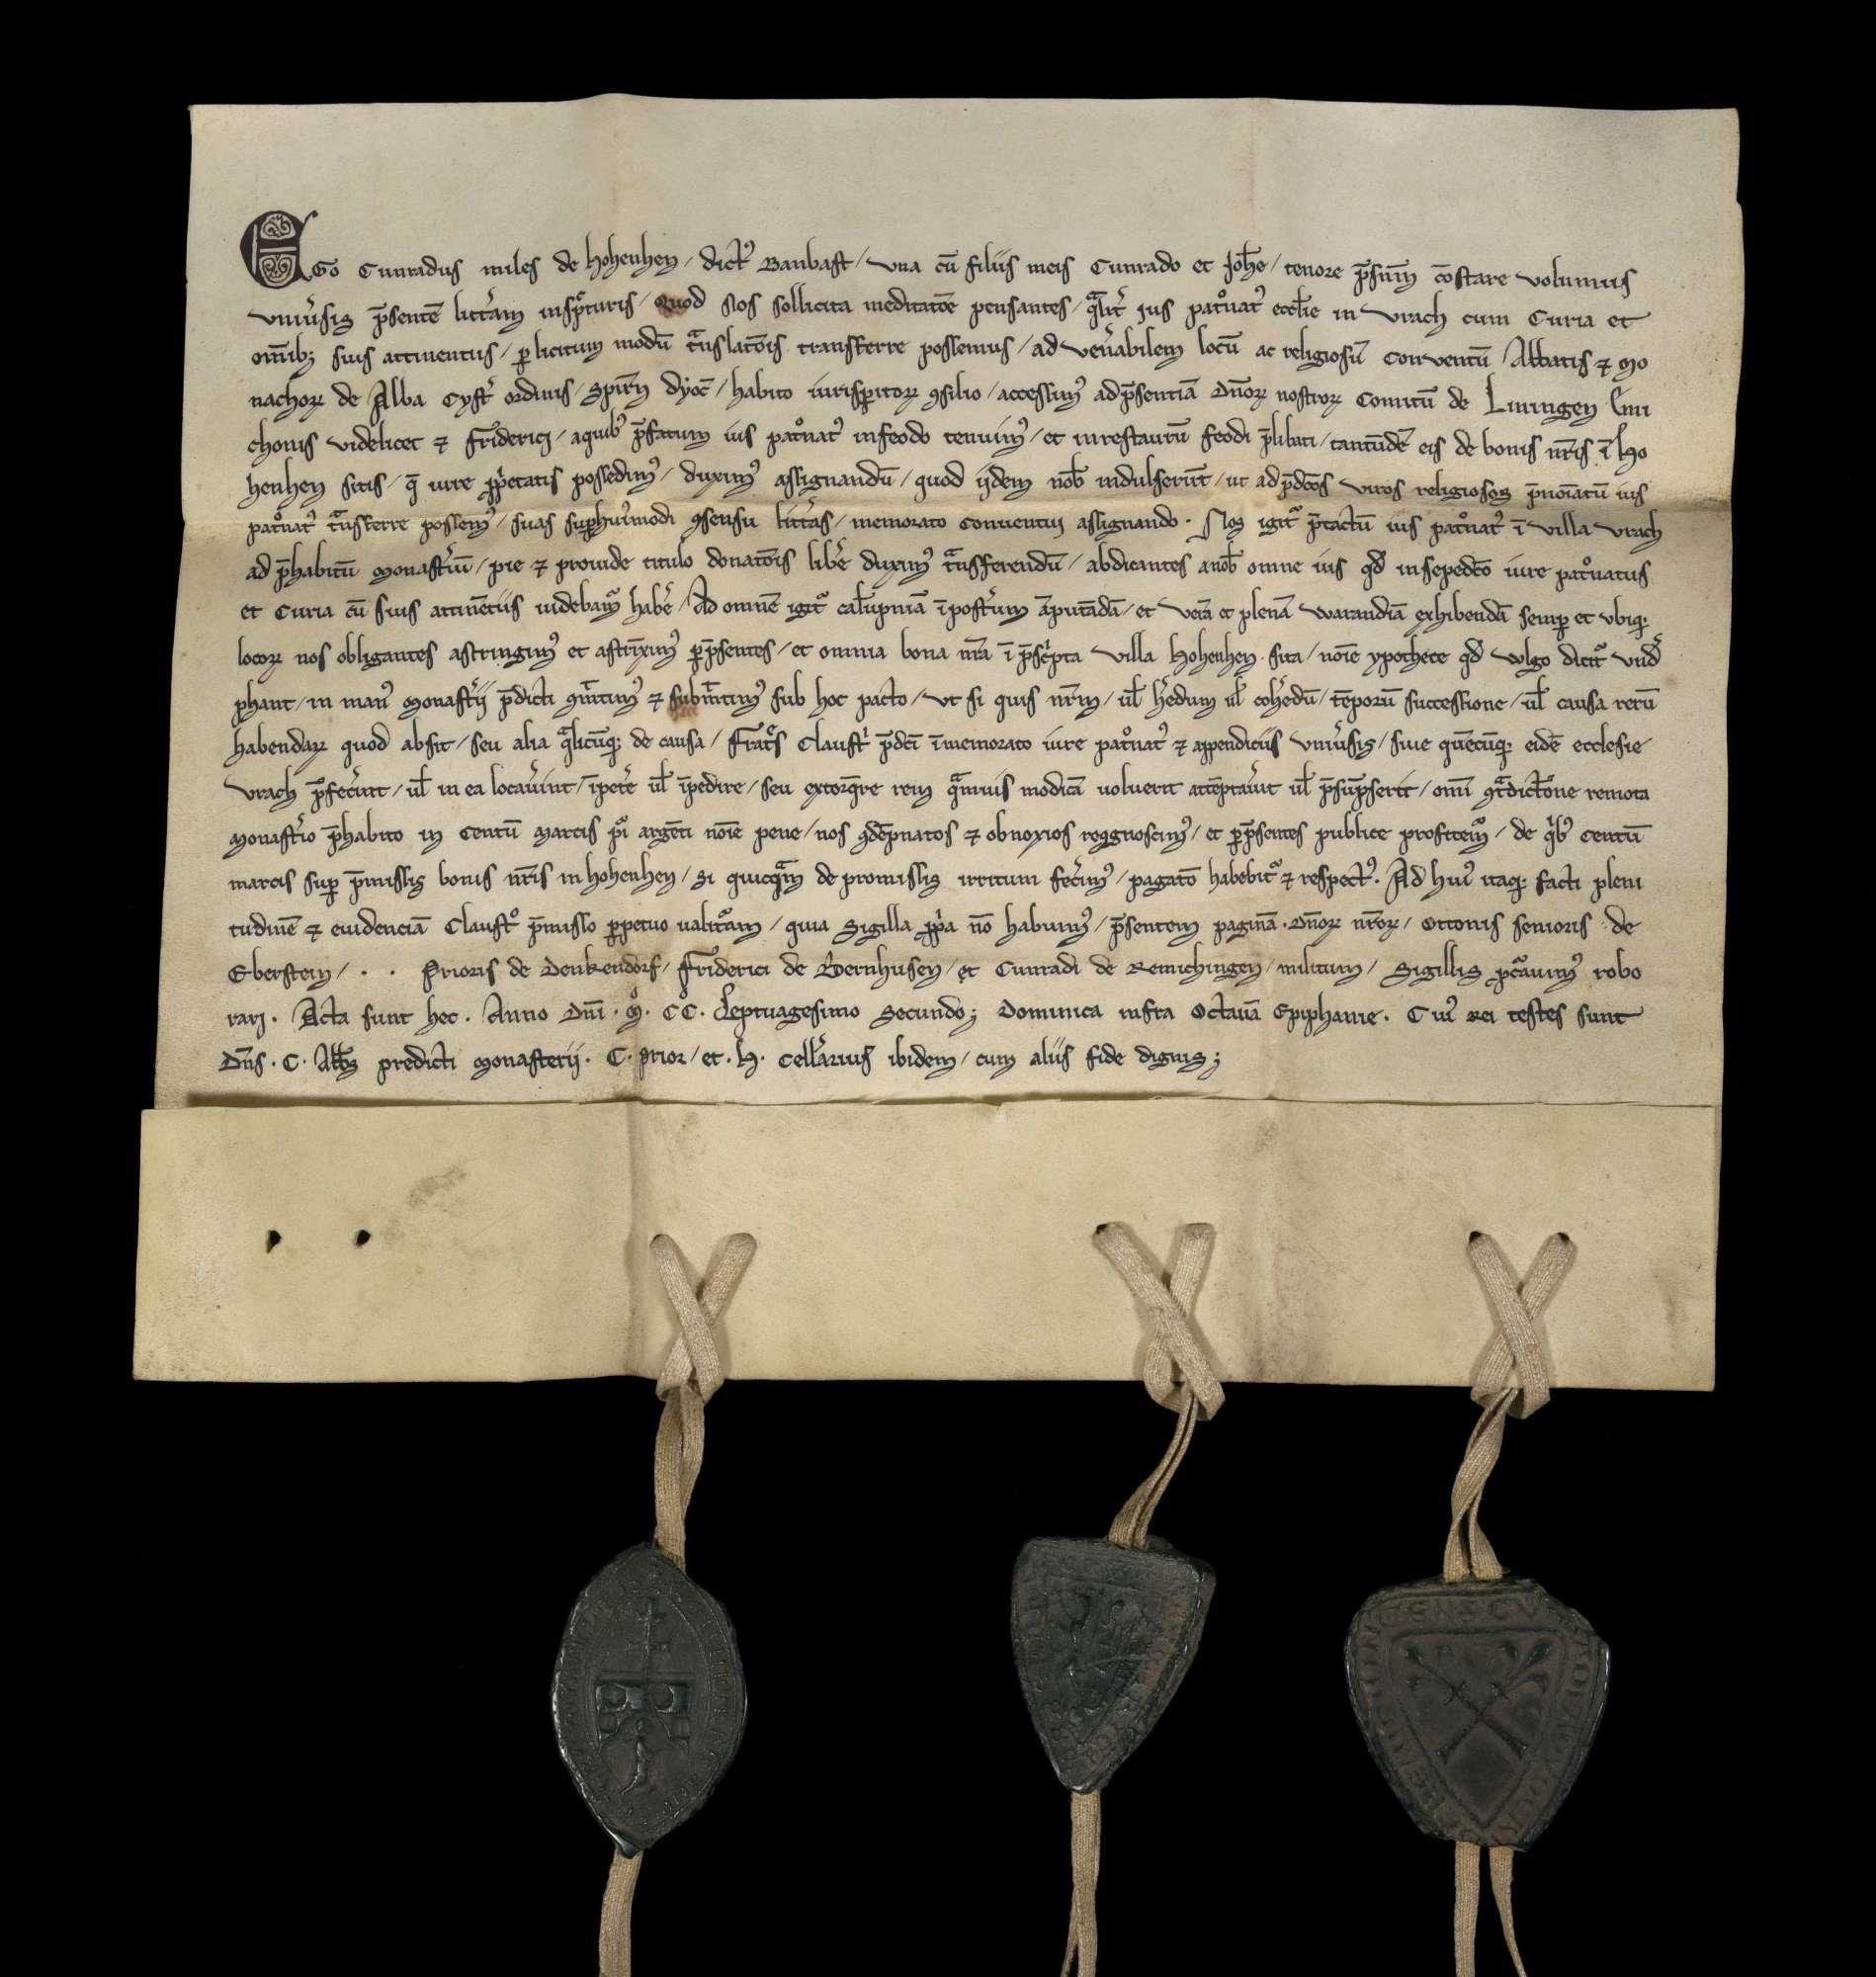 Ritter Konrad von Hohenheim genannt Bombast überträgt mit seinen Söhnen Konrad und Johannes dem Kloster Herrenalb das Patronatrecht der Kirche in Aurich unter Verpfändung seiner Güter in Hohenheim., r